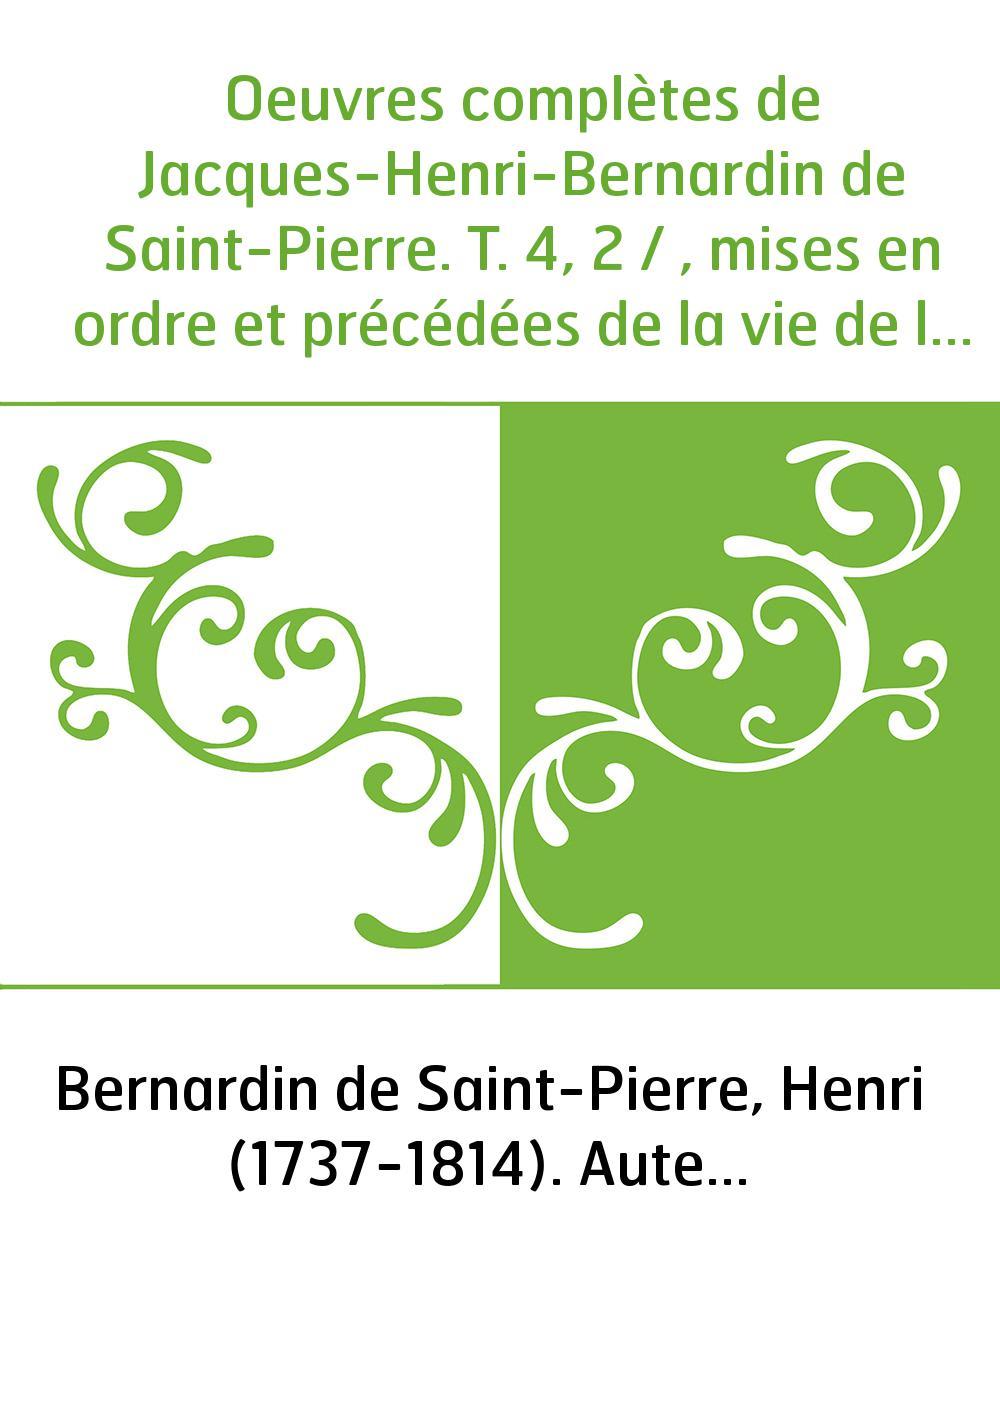 Oeuvres complètes de Jacques-Henri-Bernardin de Saint-Pierre. T. 4, 2 / , mises en ordre et précédées de la vie de l'auteur, par